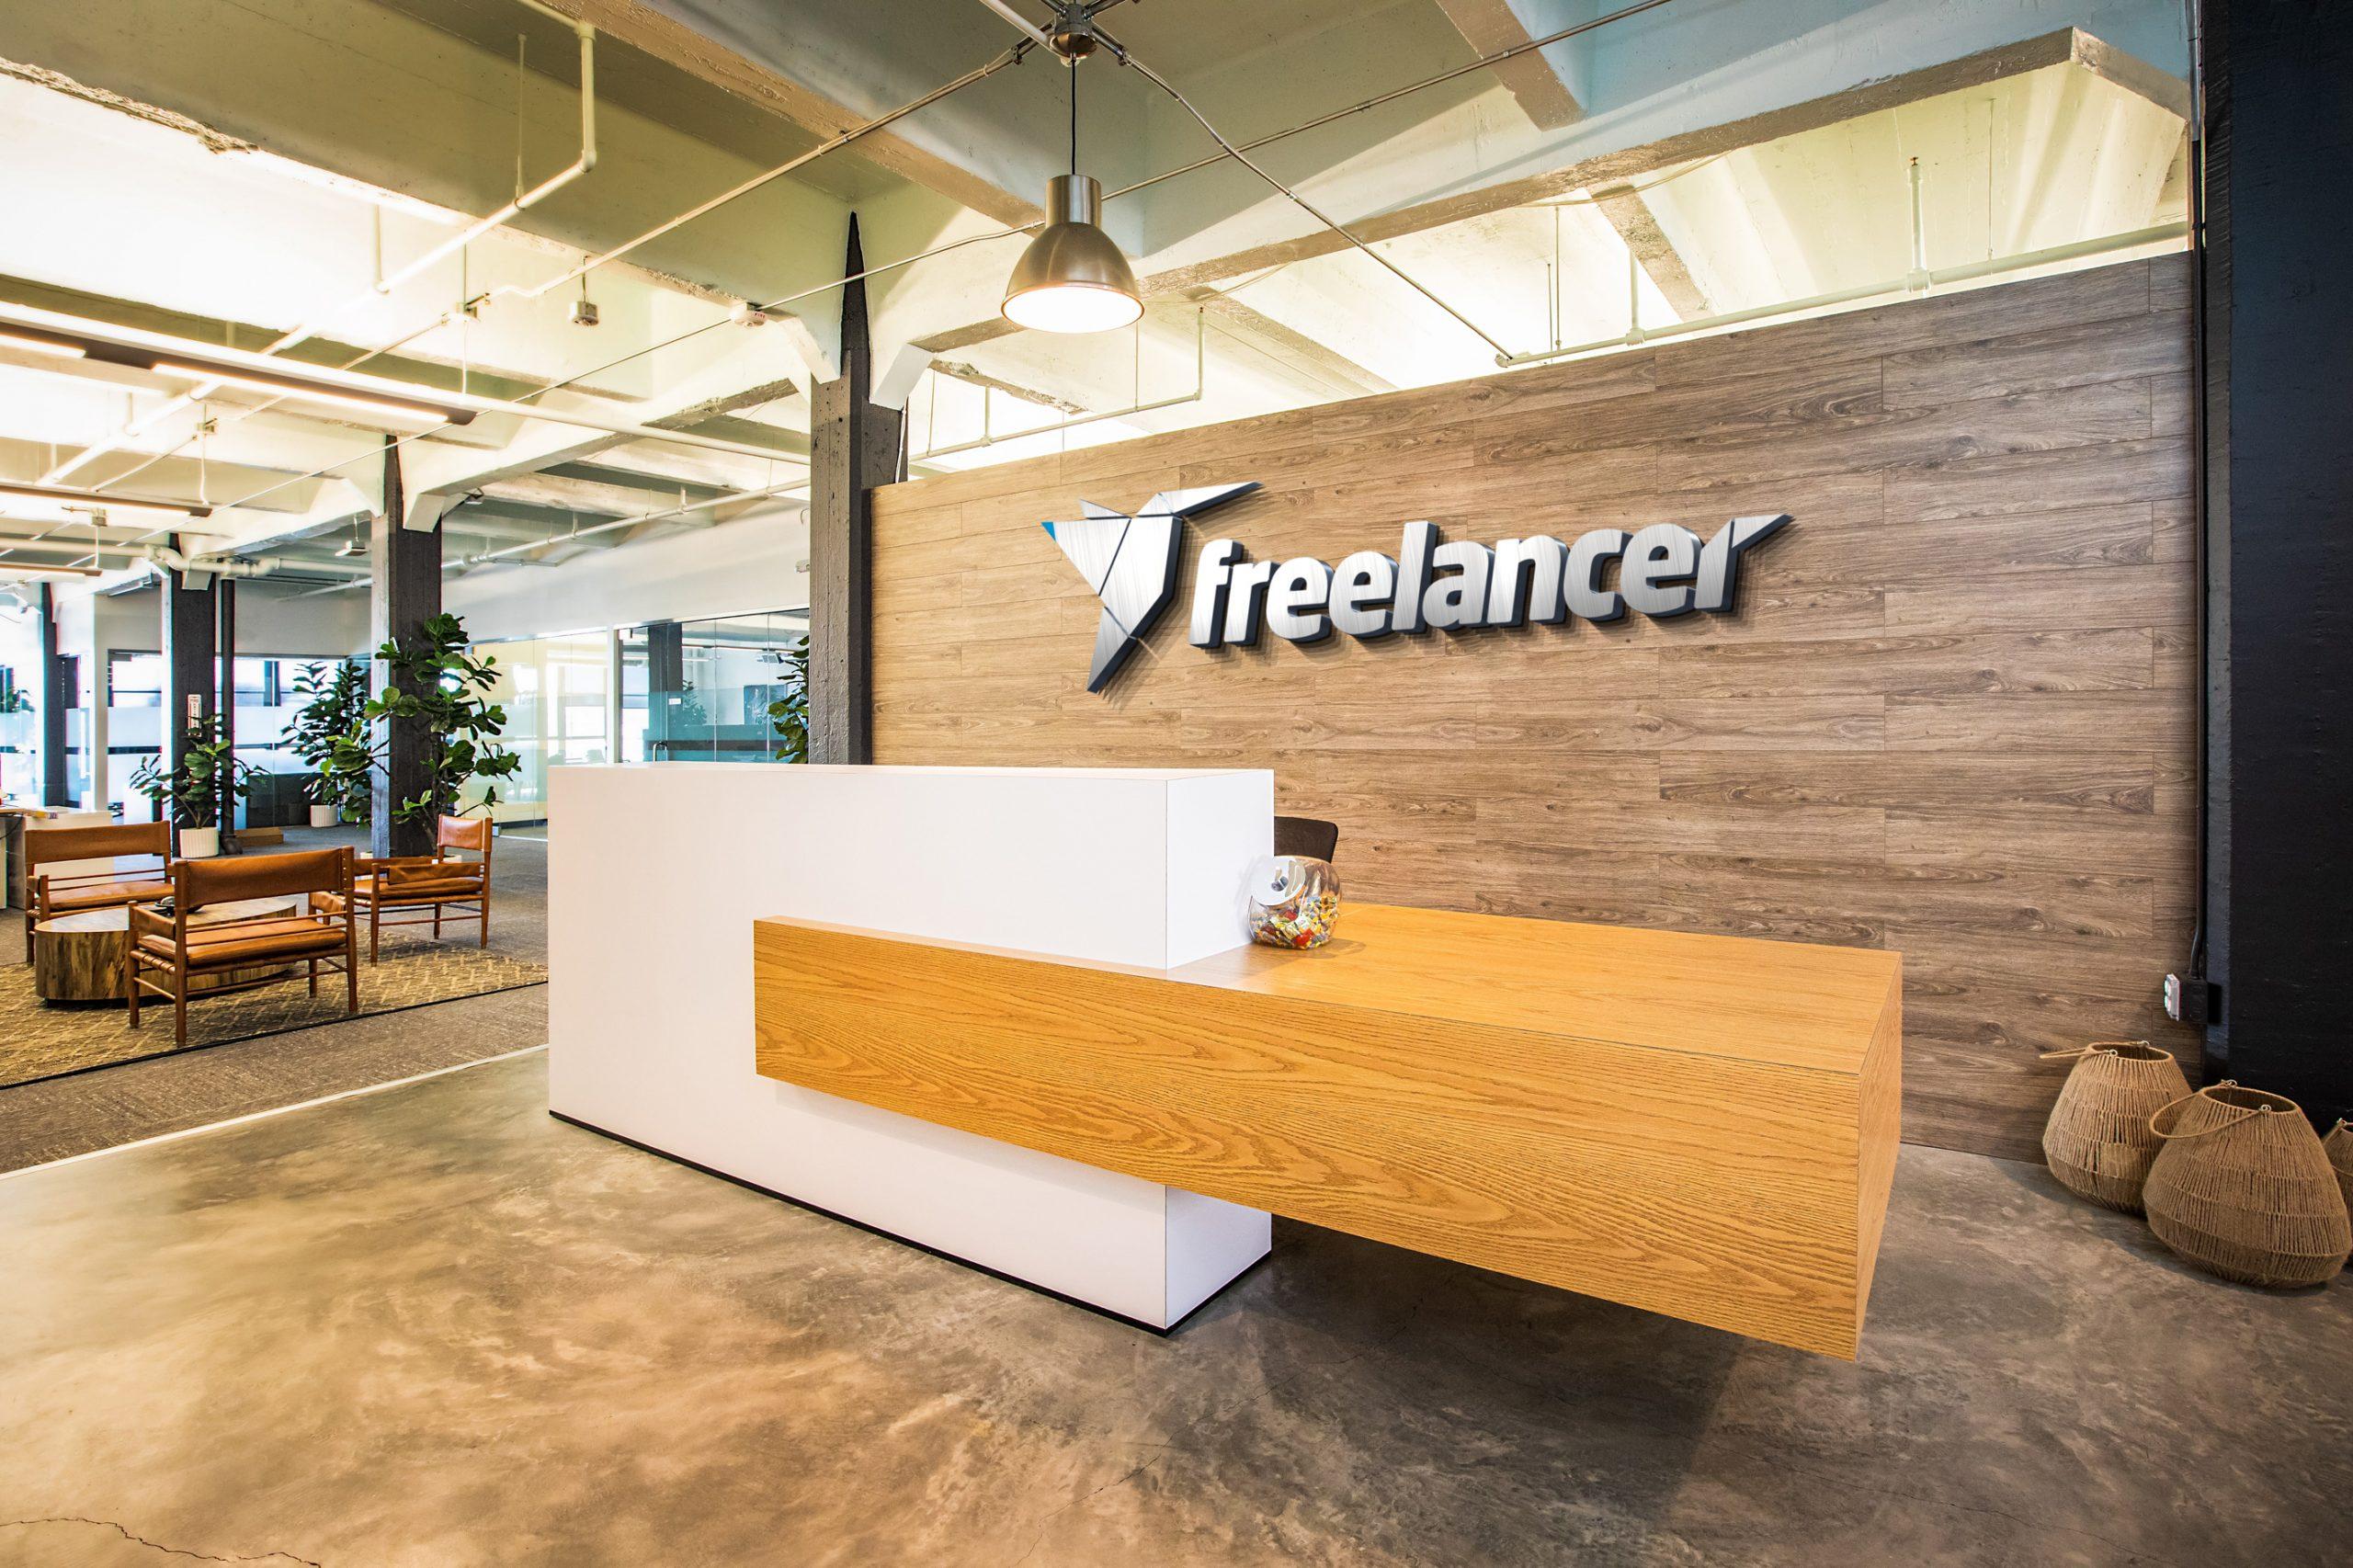 Freelancer-Logo-Free Reception Desk Mockup